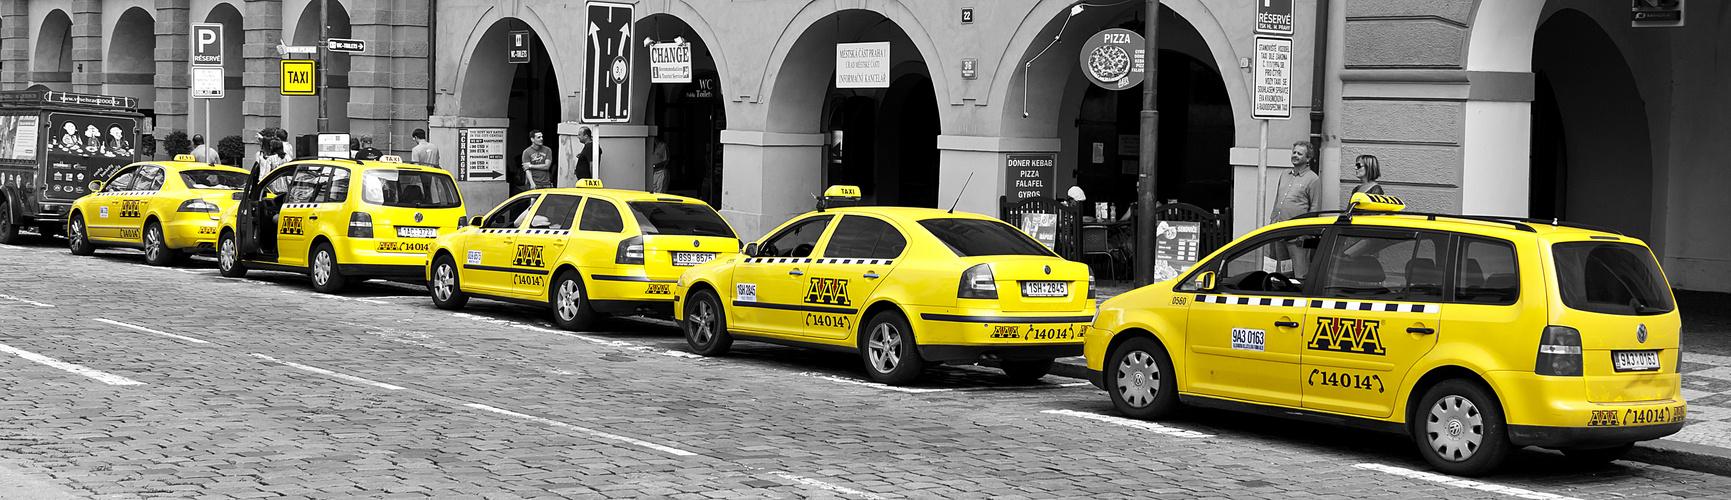 Fahrzeuge in Prag 03